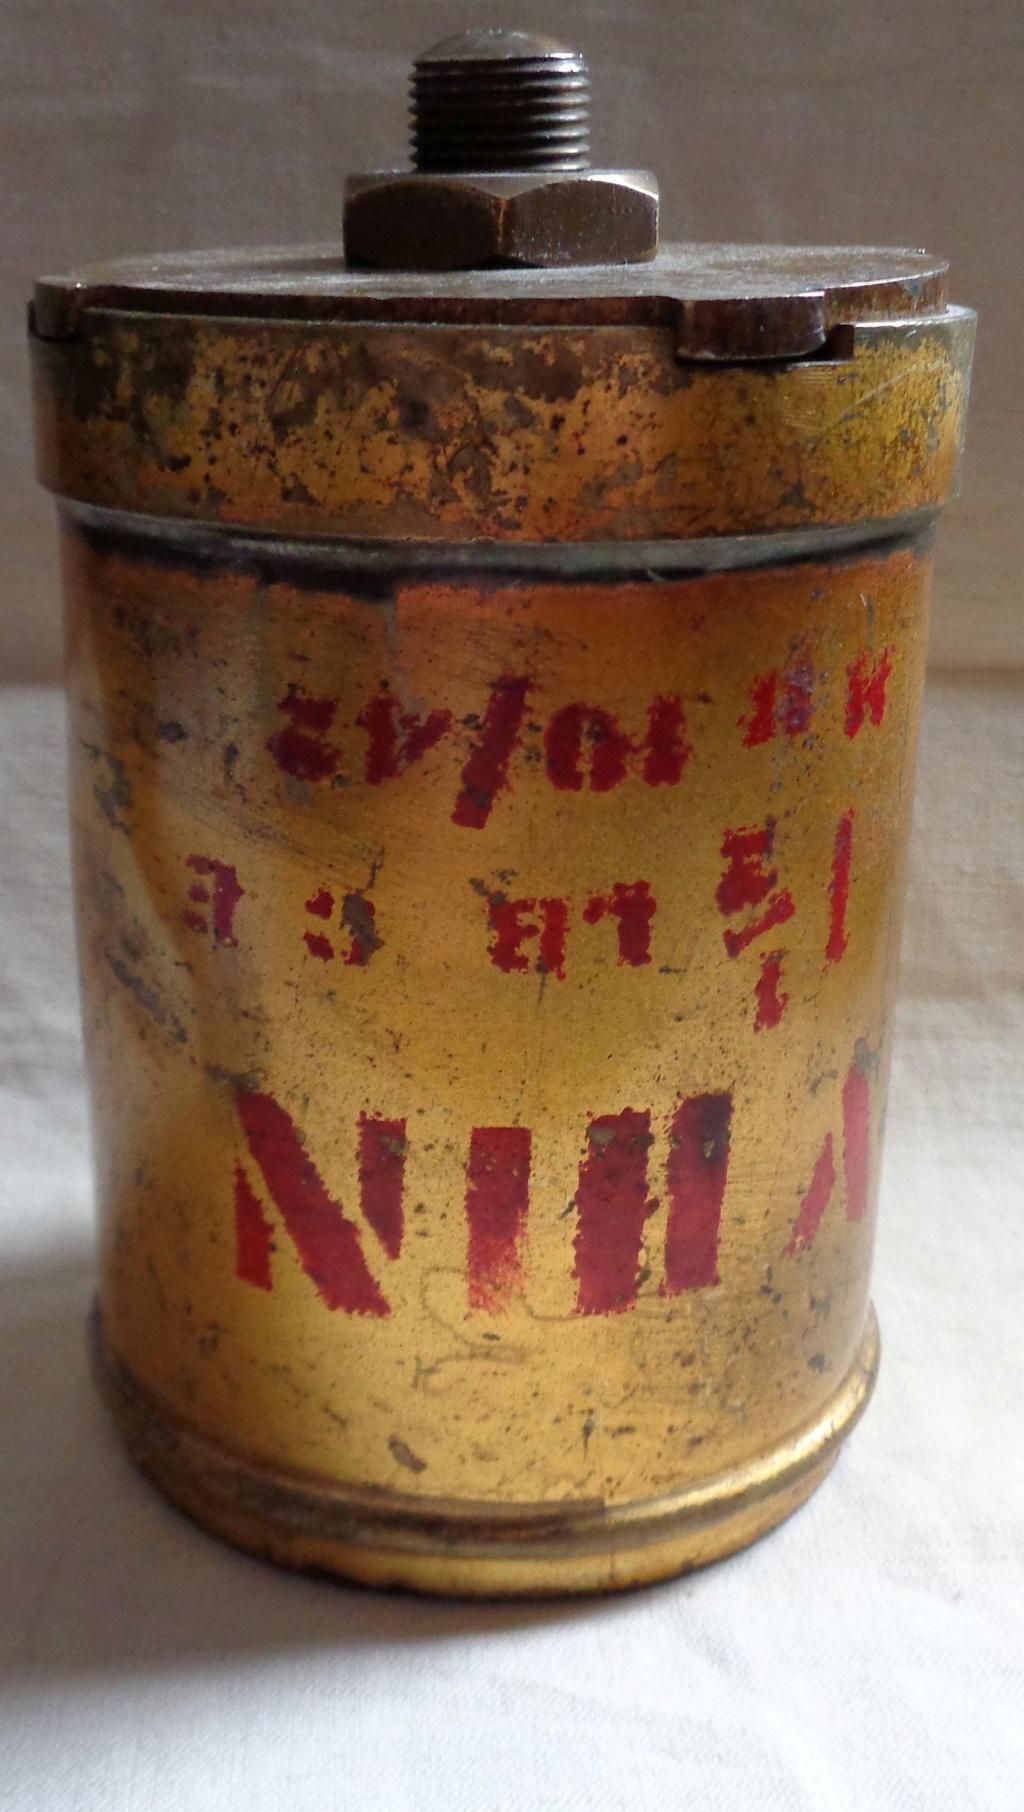 Boite a poudre en laiton ou en bronze datée 1945 ?  Dsc04341